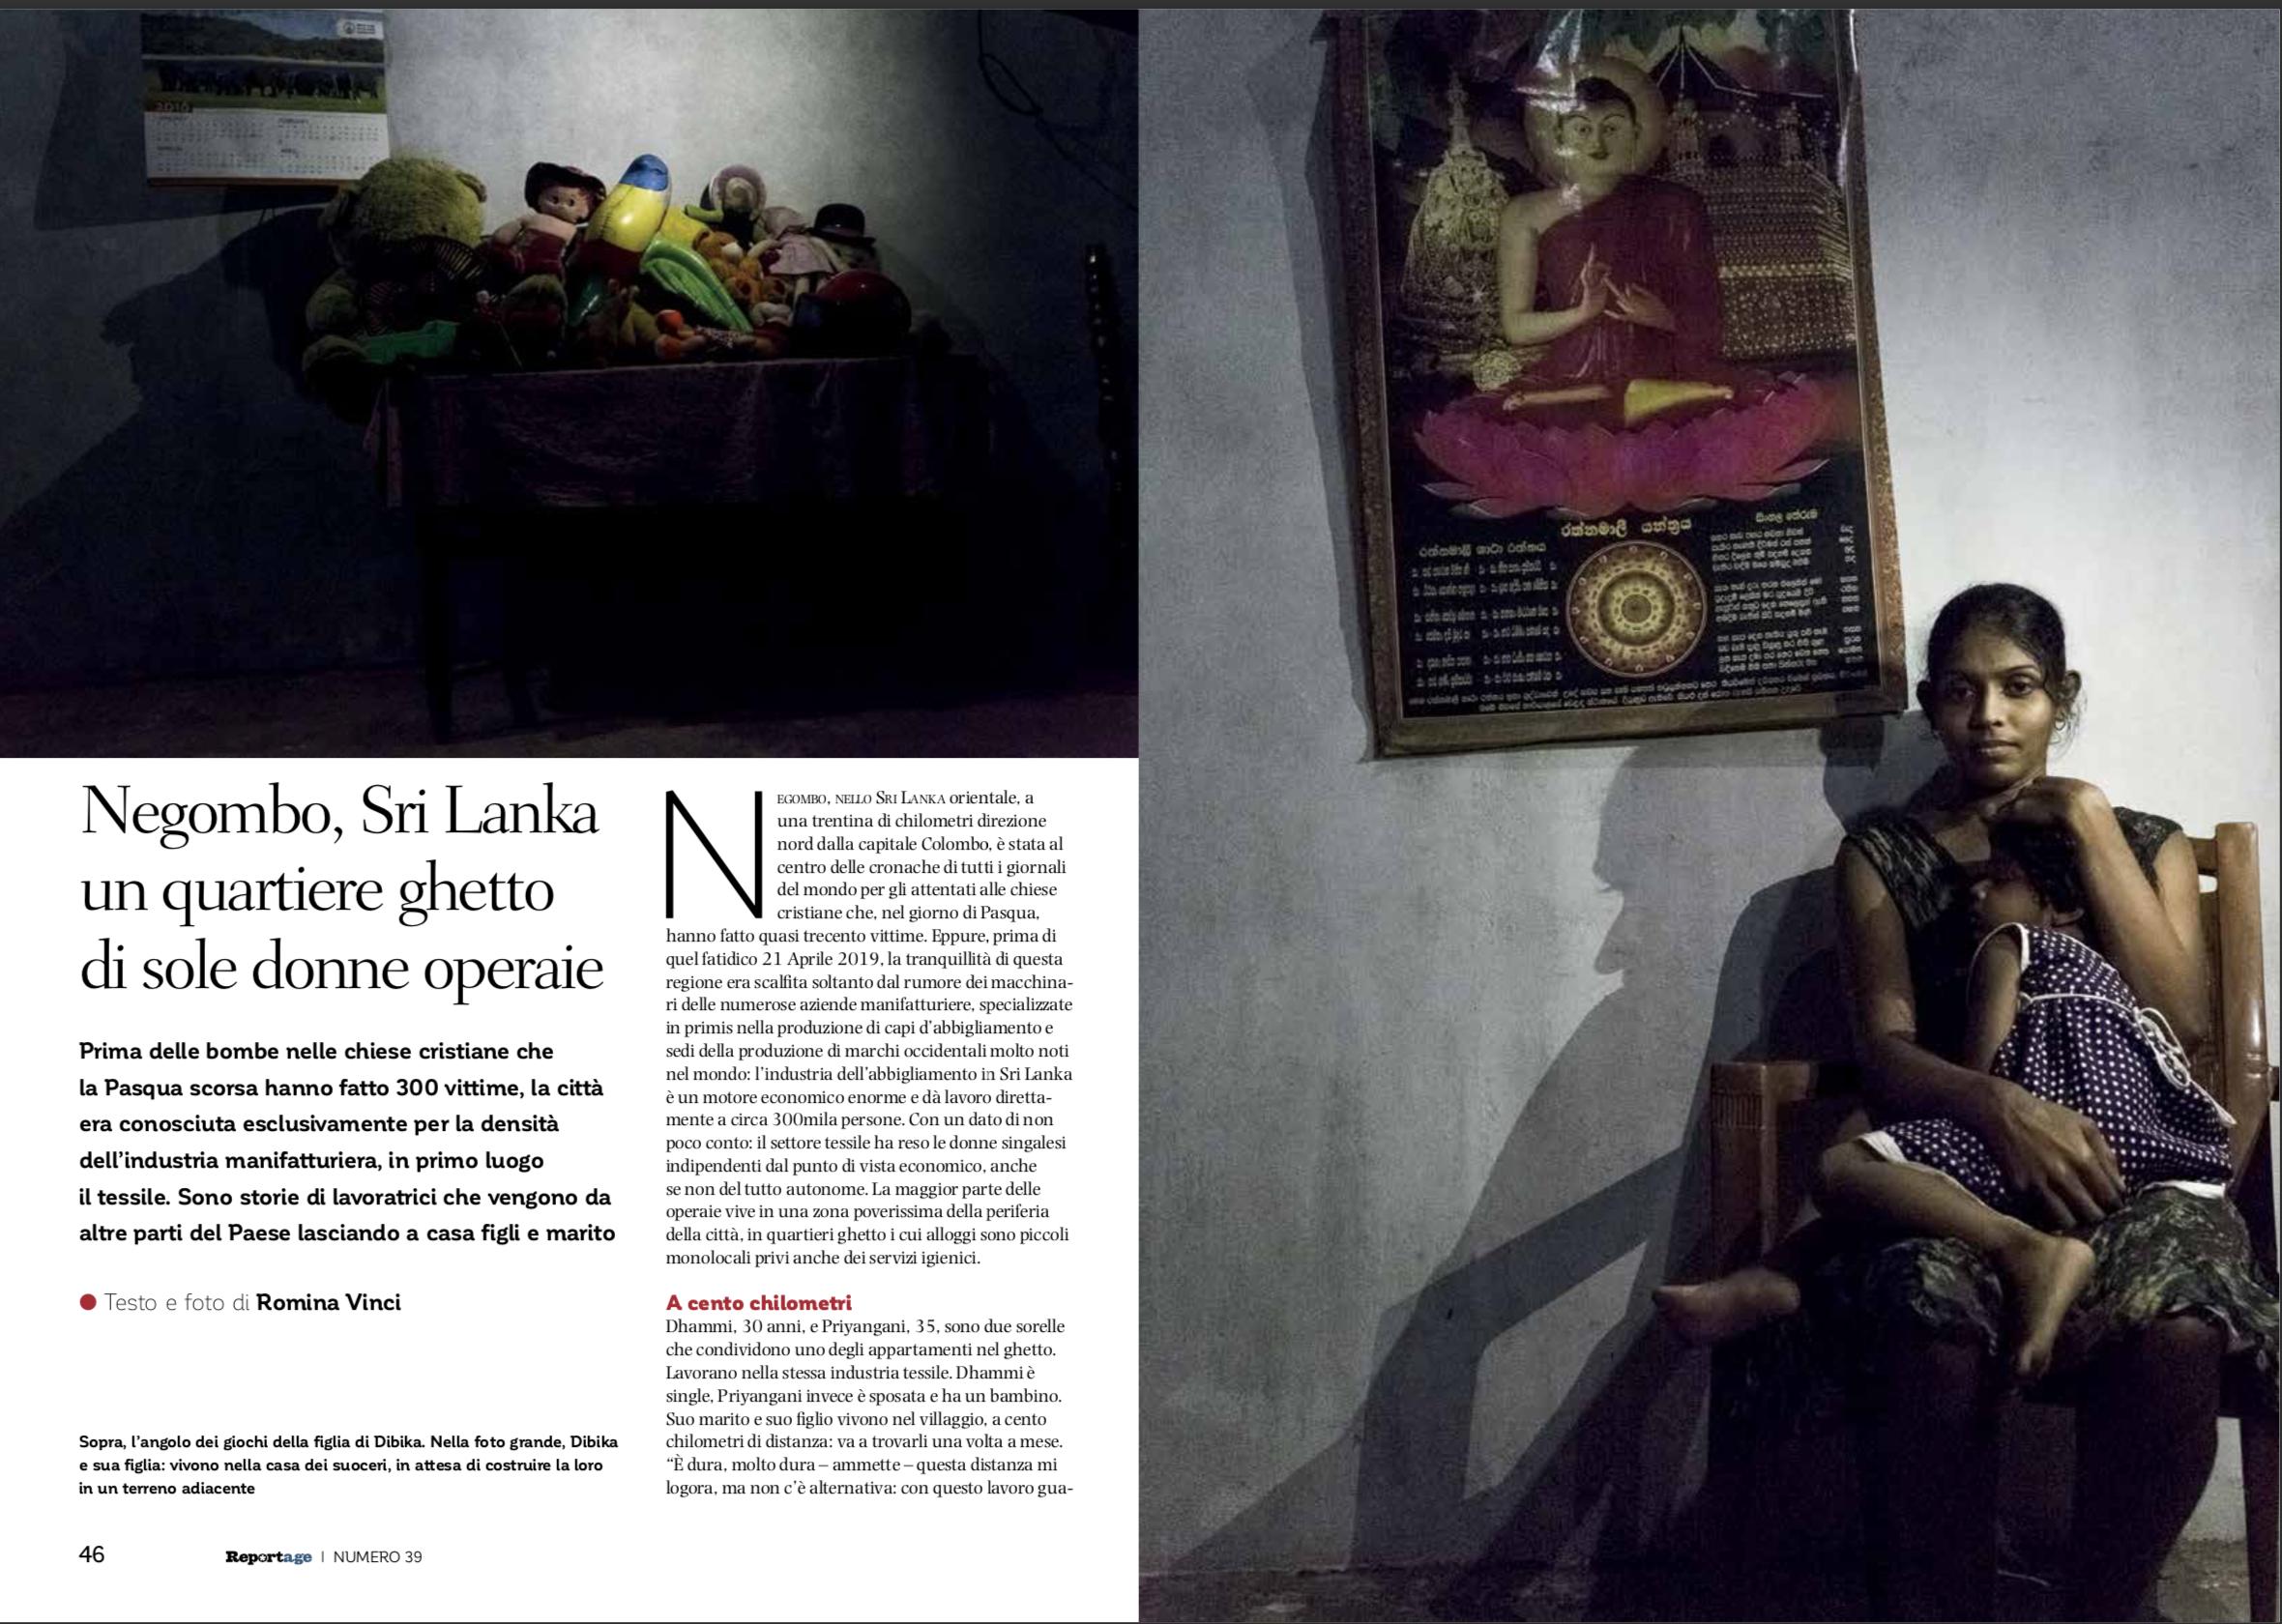 Un estratto del reportage di Romina Vinci da Negombo (Sri Lanka) sulla difficile condizione di vita delle operaie impiegate nell'industria tessile.